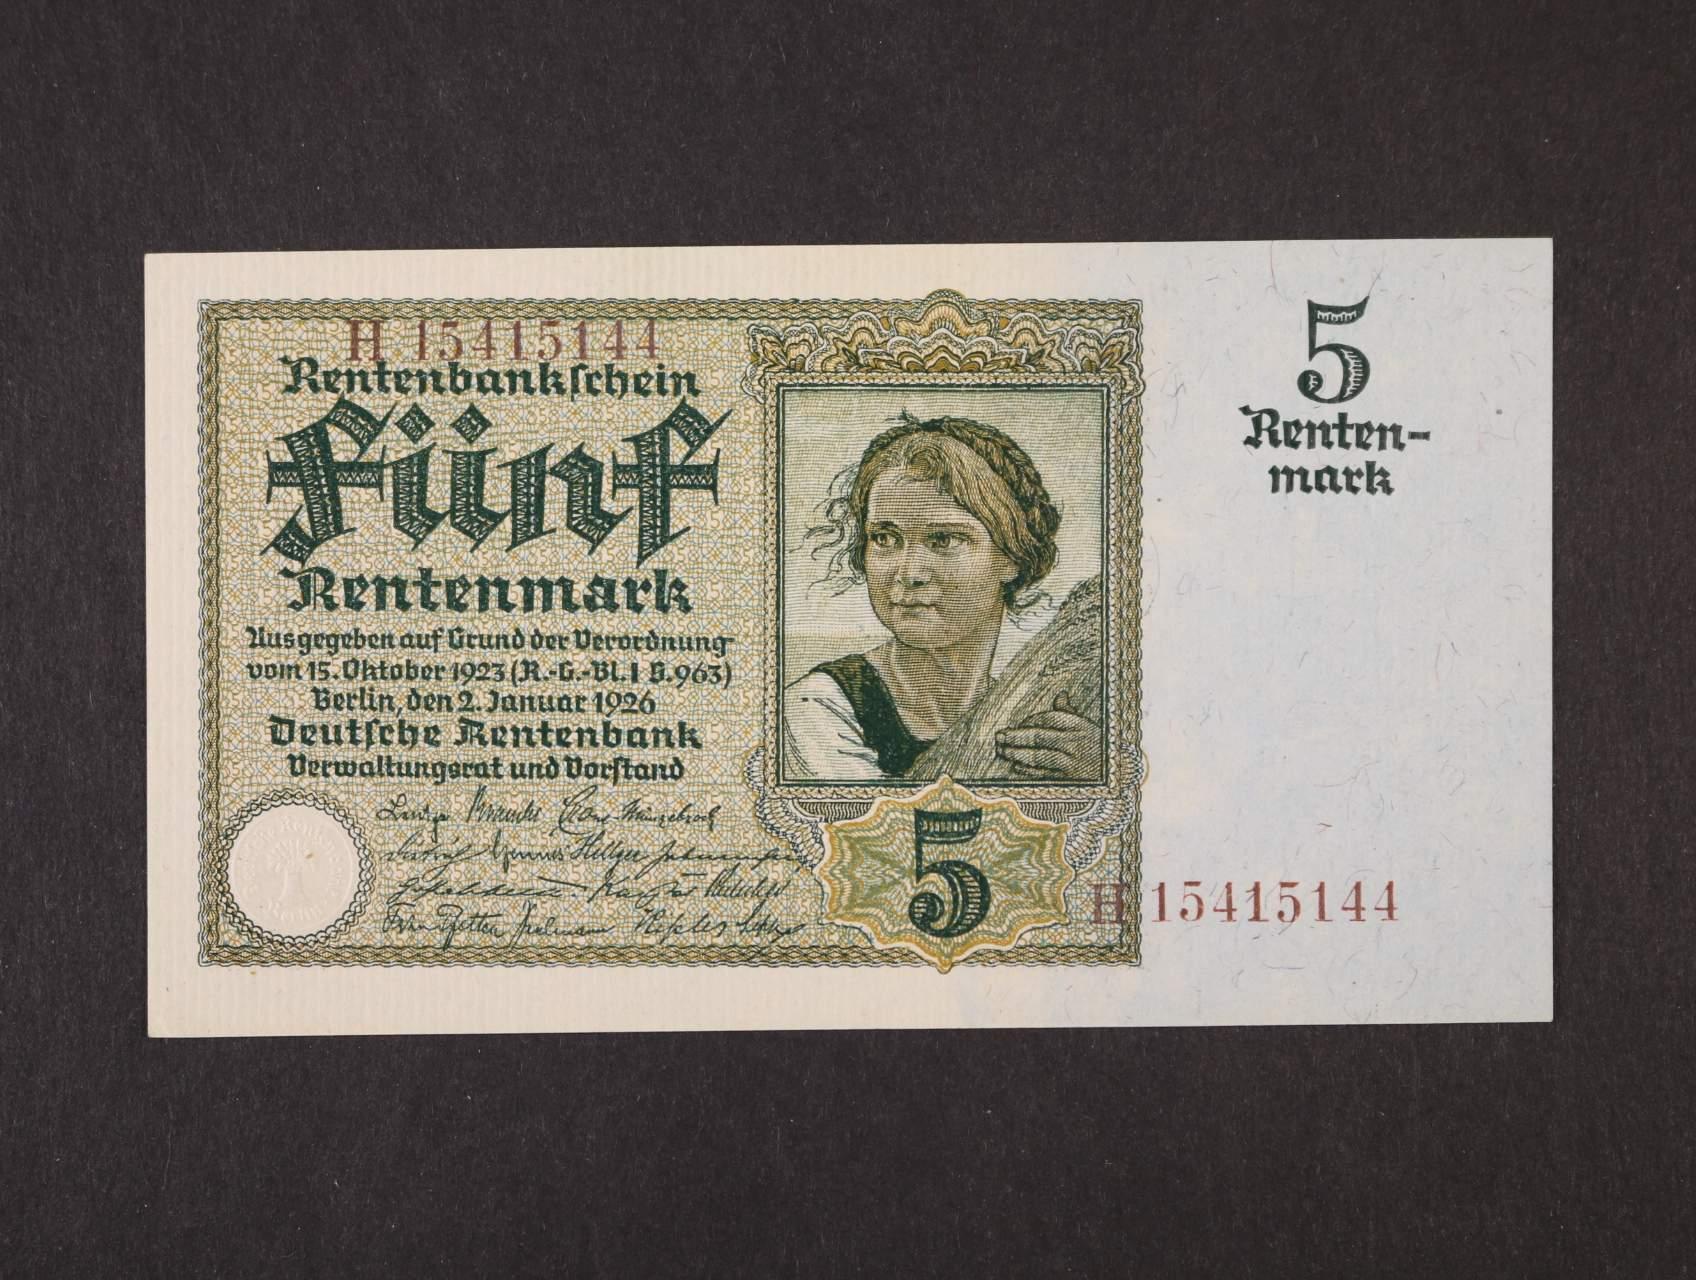 5 Rtm 2.1.1926  série H, 8-mi místný hnědý číslovač, platná na ČS území, Ro. 164b, Pi. 169, Ba. D13b